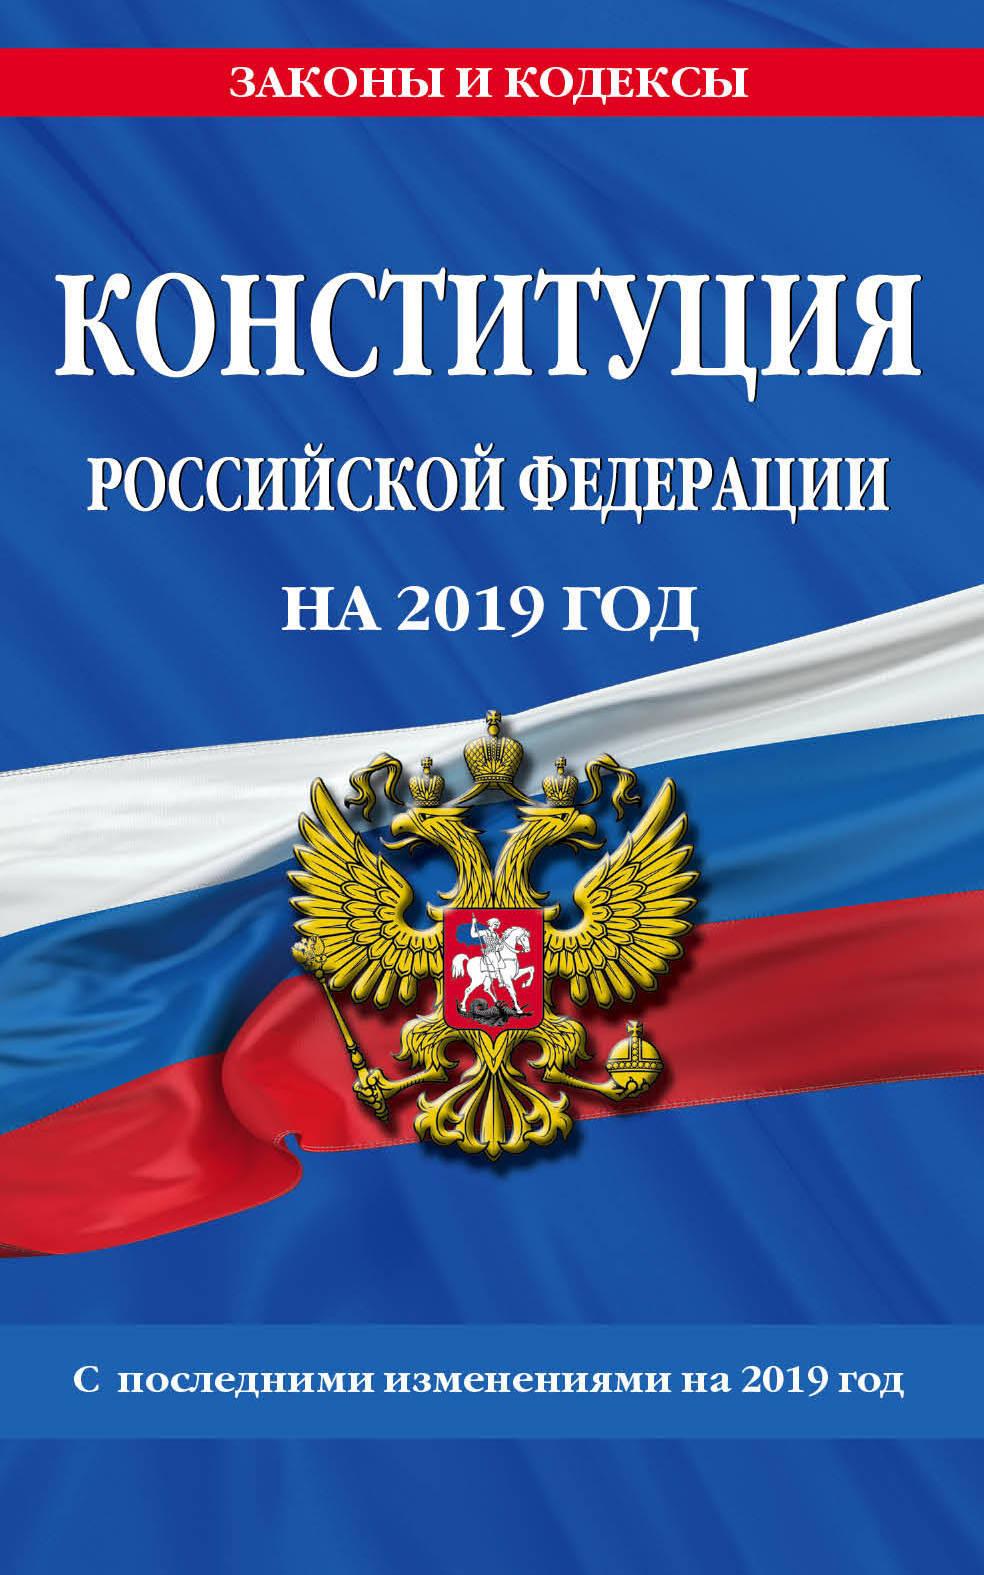 Конституция Российской Федерации со всеми последними изменениями на 2019 год